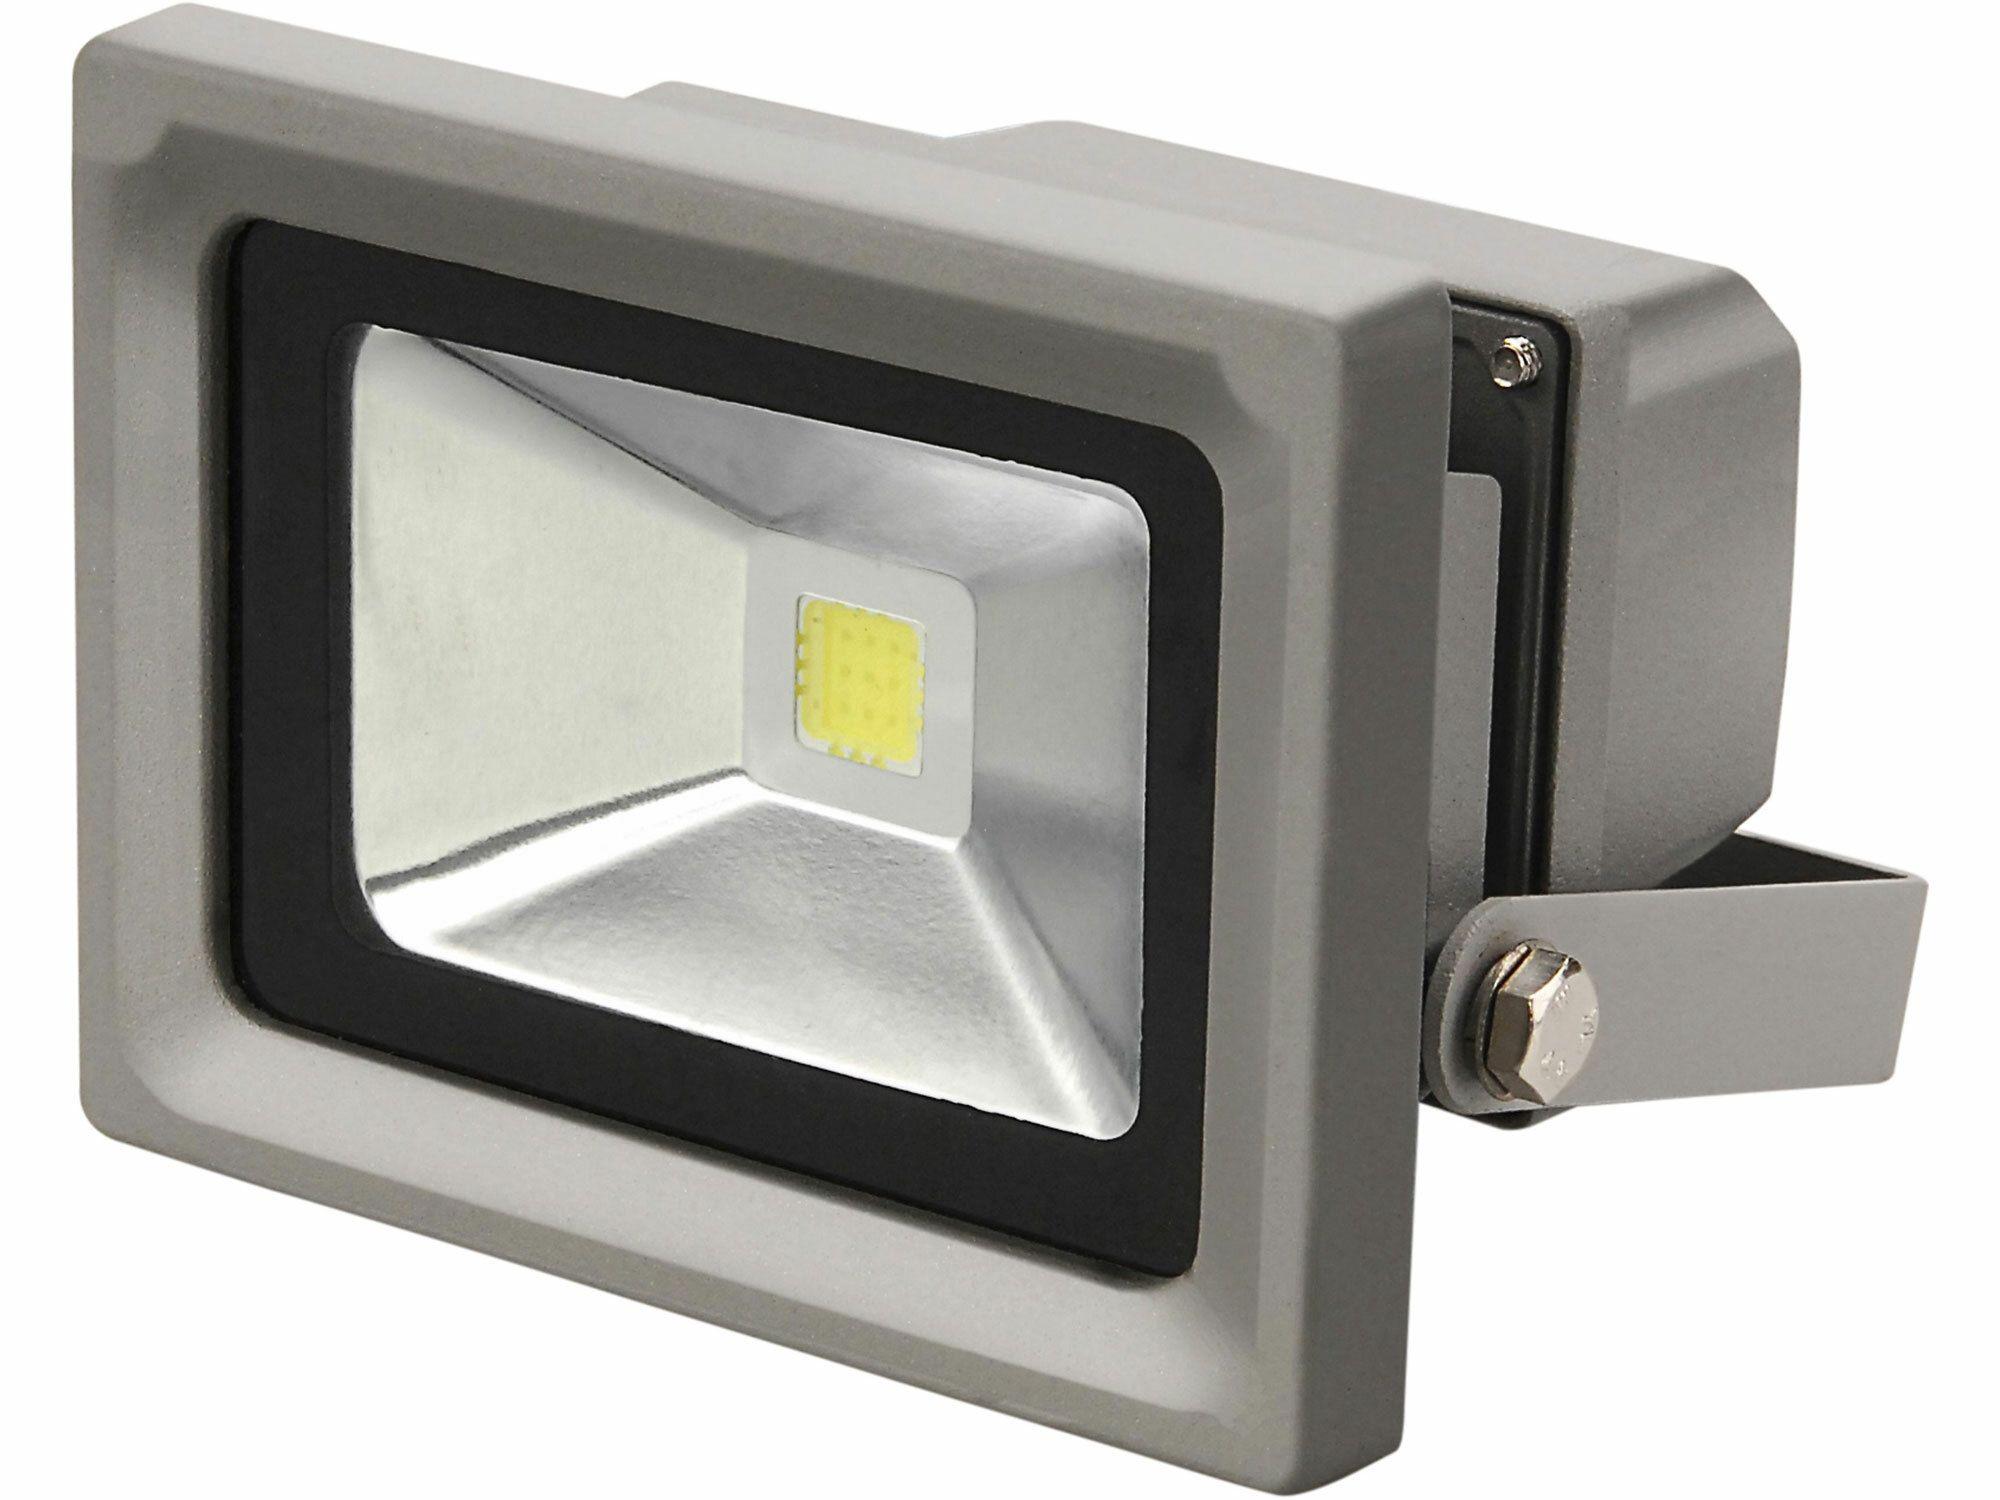 Reflektor LED, 10W, 800lm, denní světlo, IP65, 230V/50Hz, teplota chromatičnosti 6300K EXTOL-LIGHT